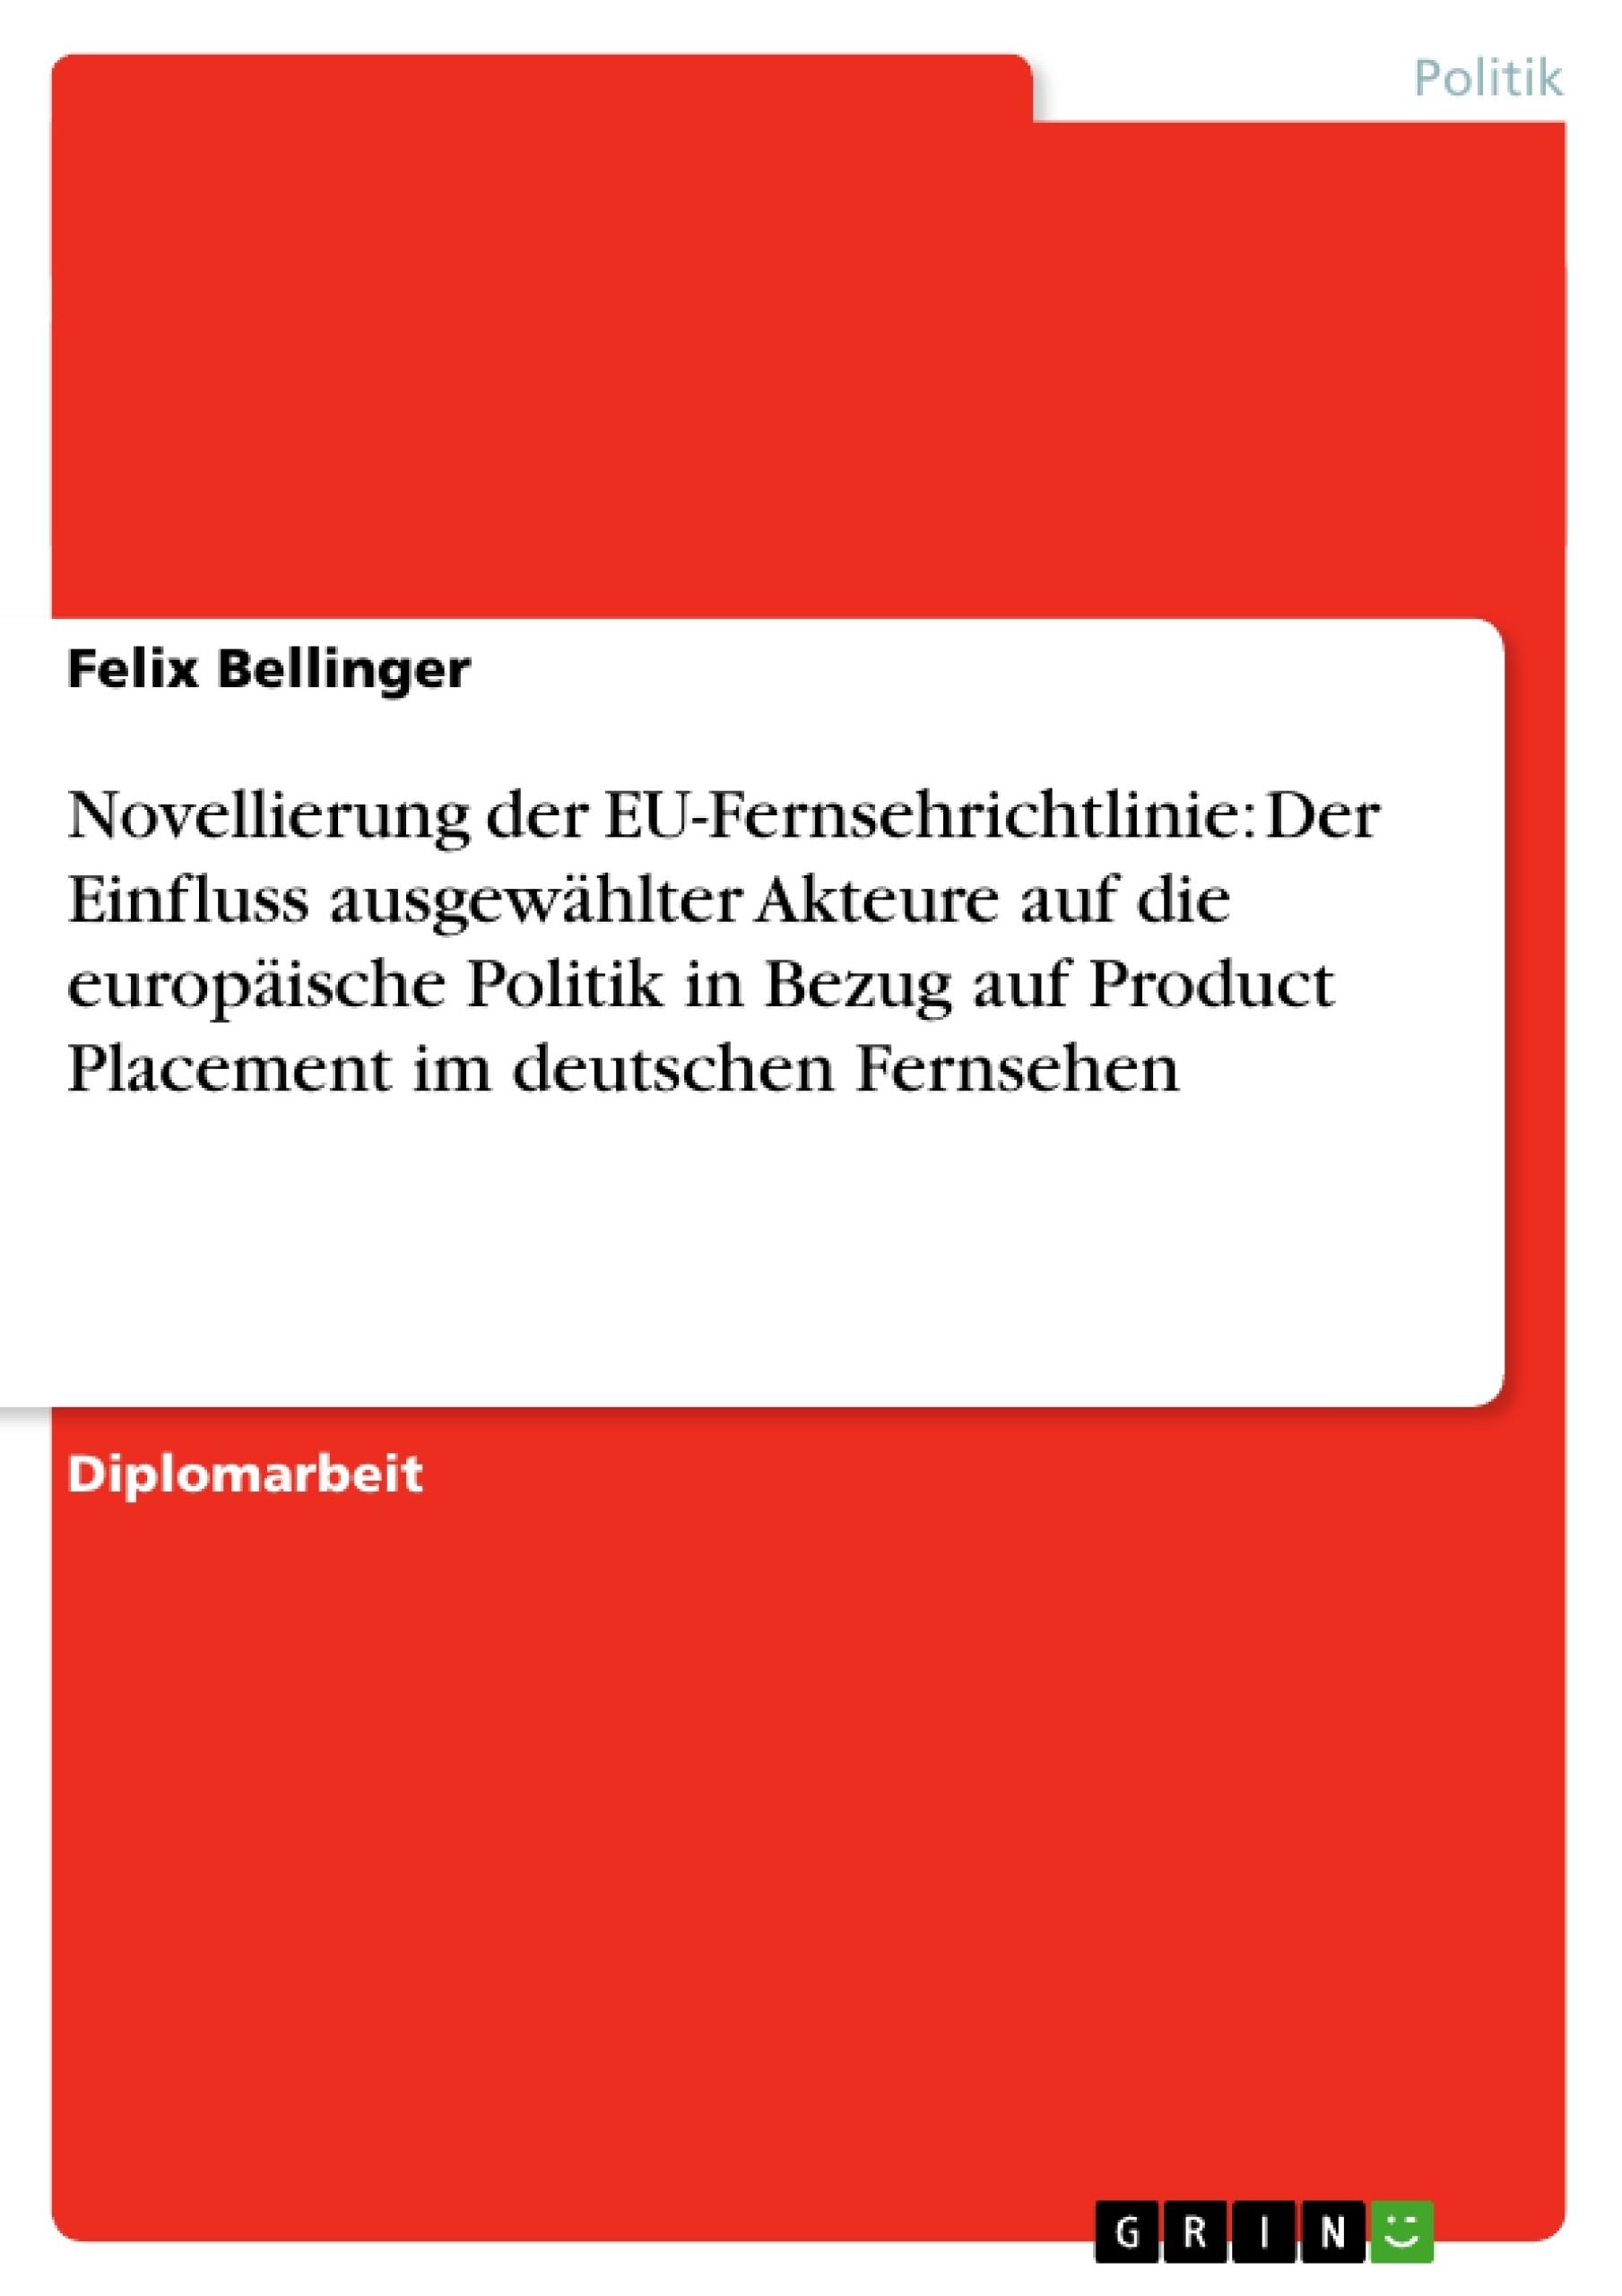 Titel: Novellierung der EU-Fernsehrichtlinie: Der Einfluss ausgewählter Akteure auf die europäische Politik in Bezug auf Product Placement im deutschen Fernsehen